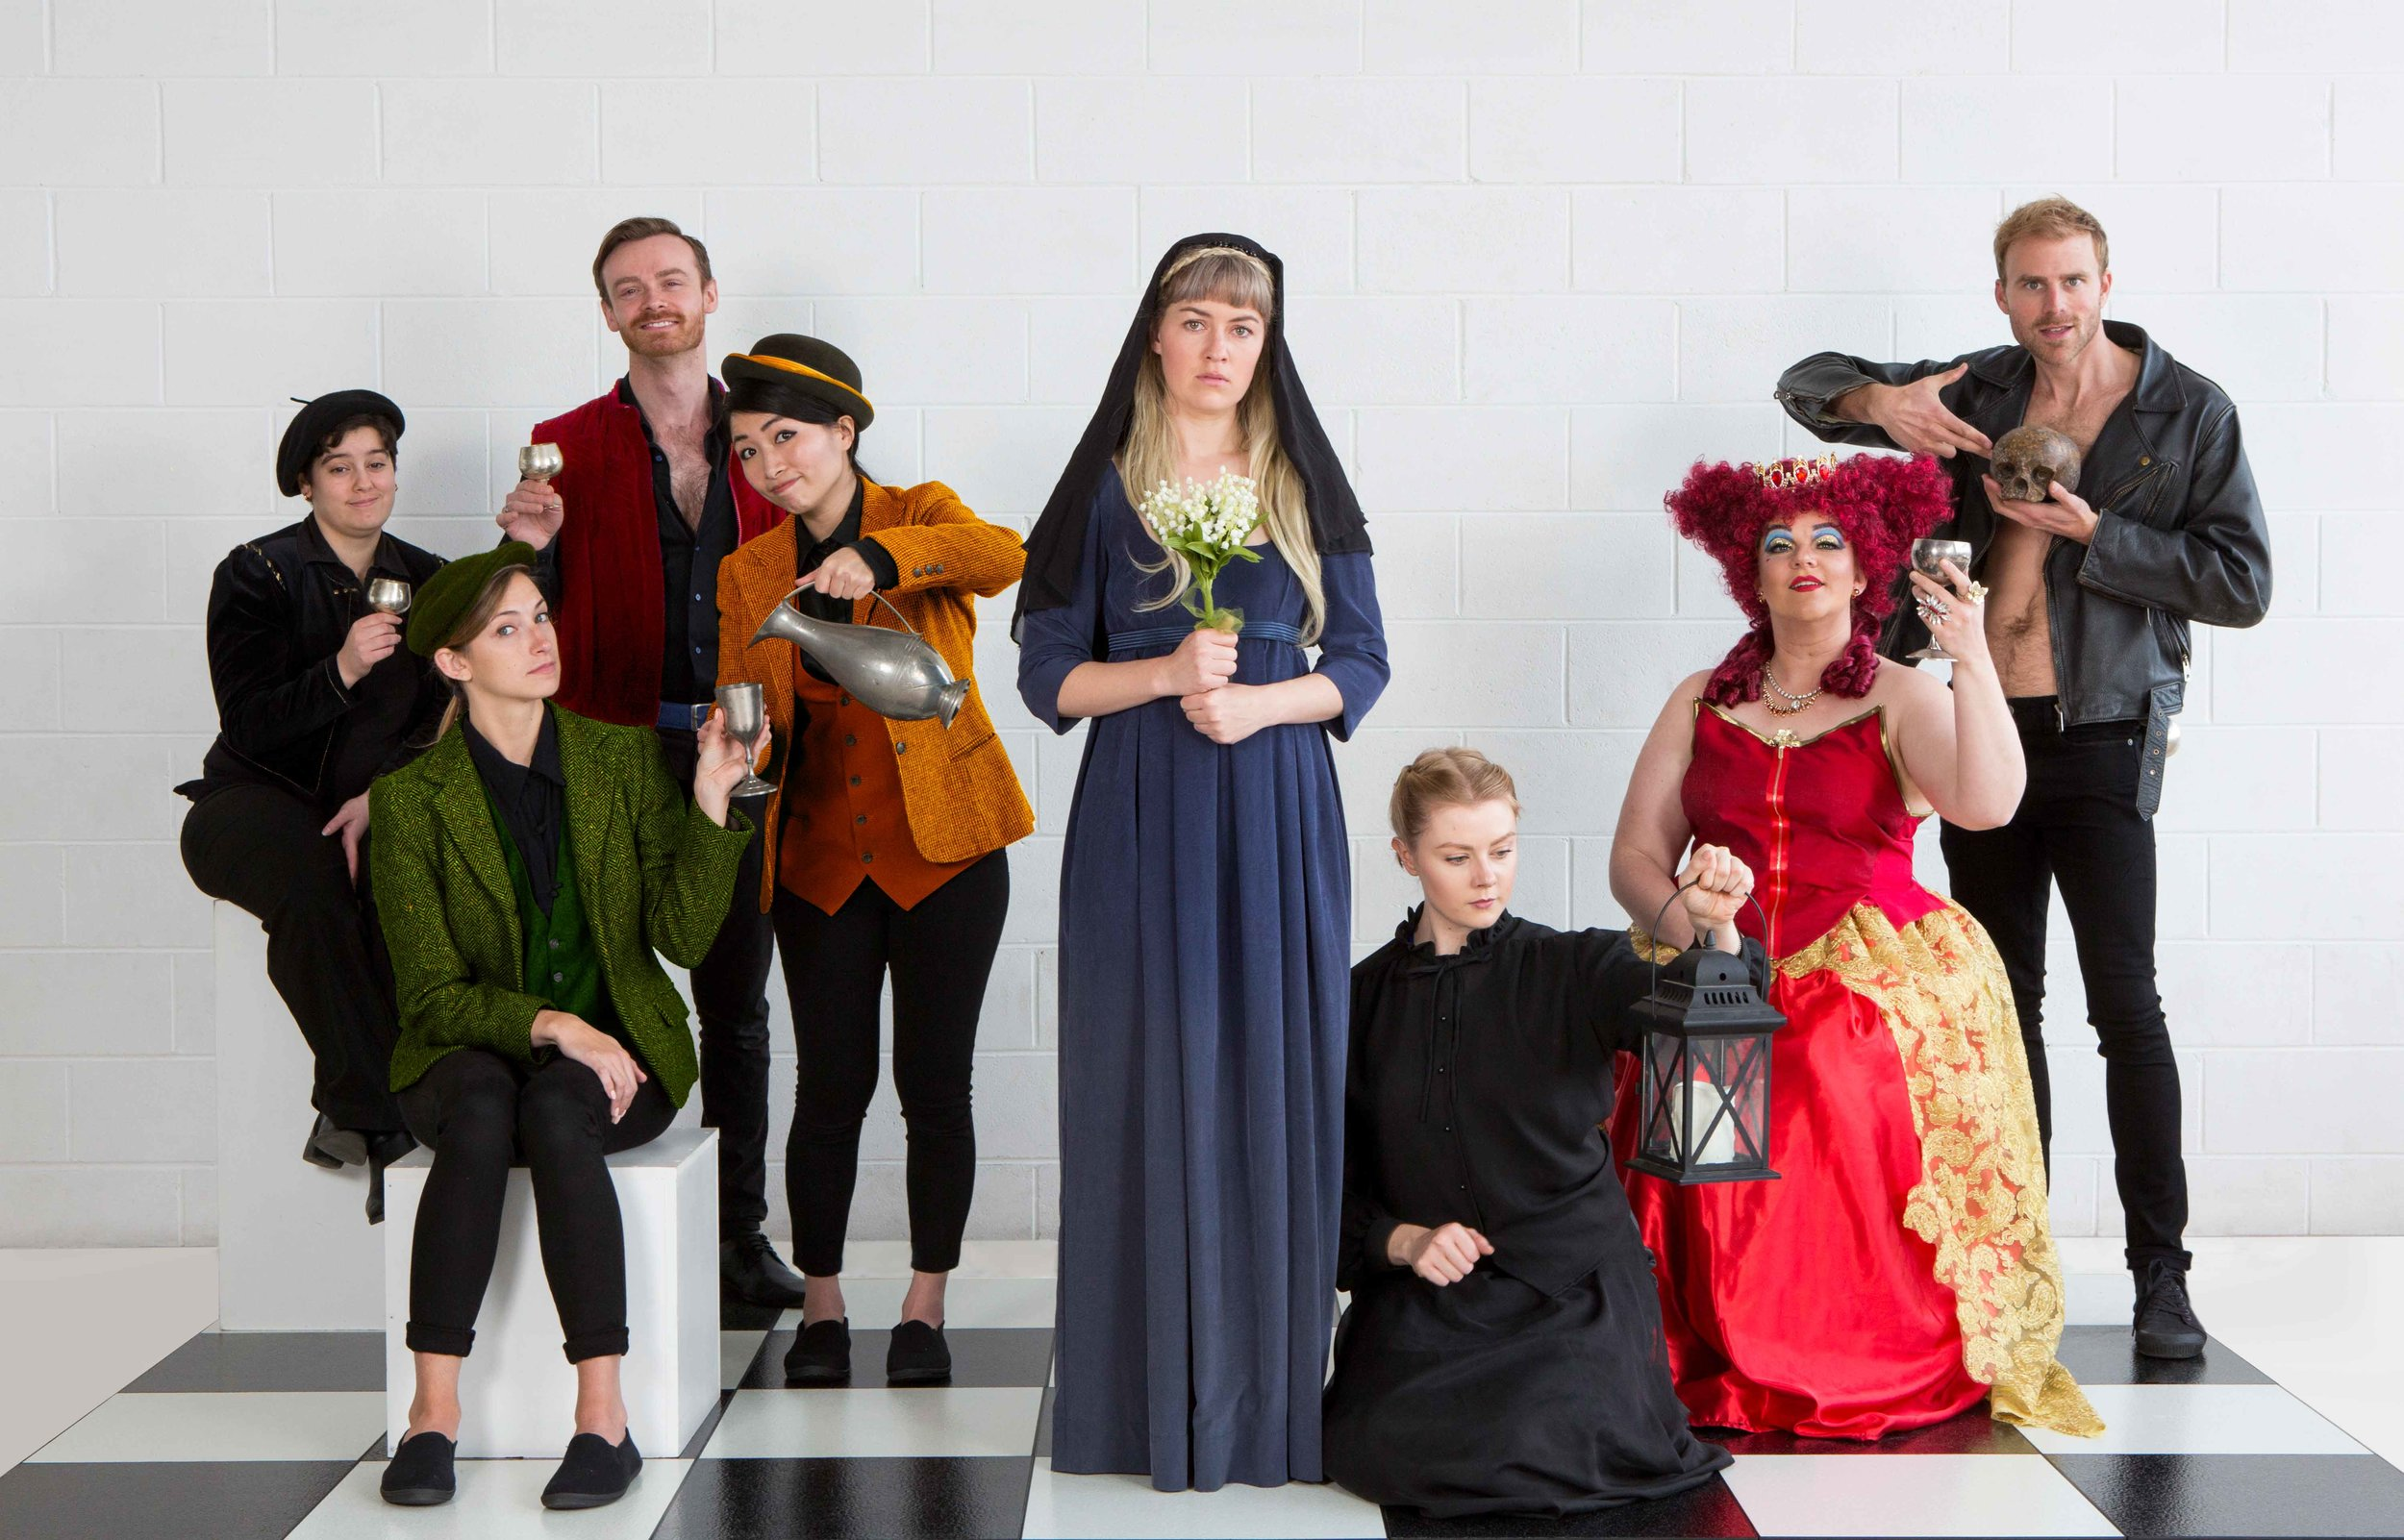 Ophelia Thinks Harder cast. Image: Nico Photography